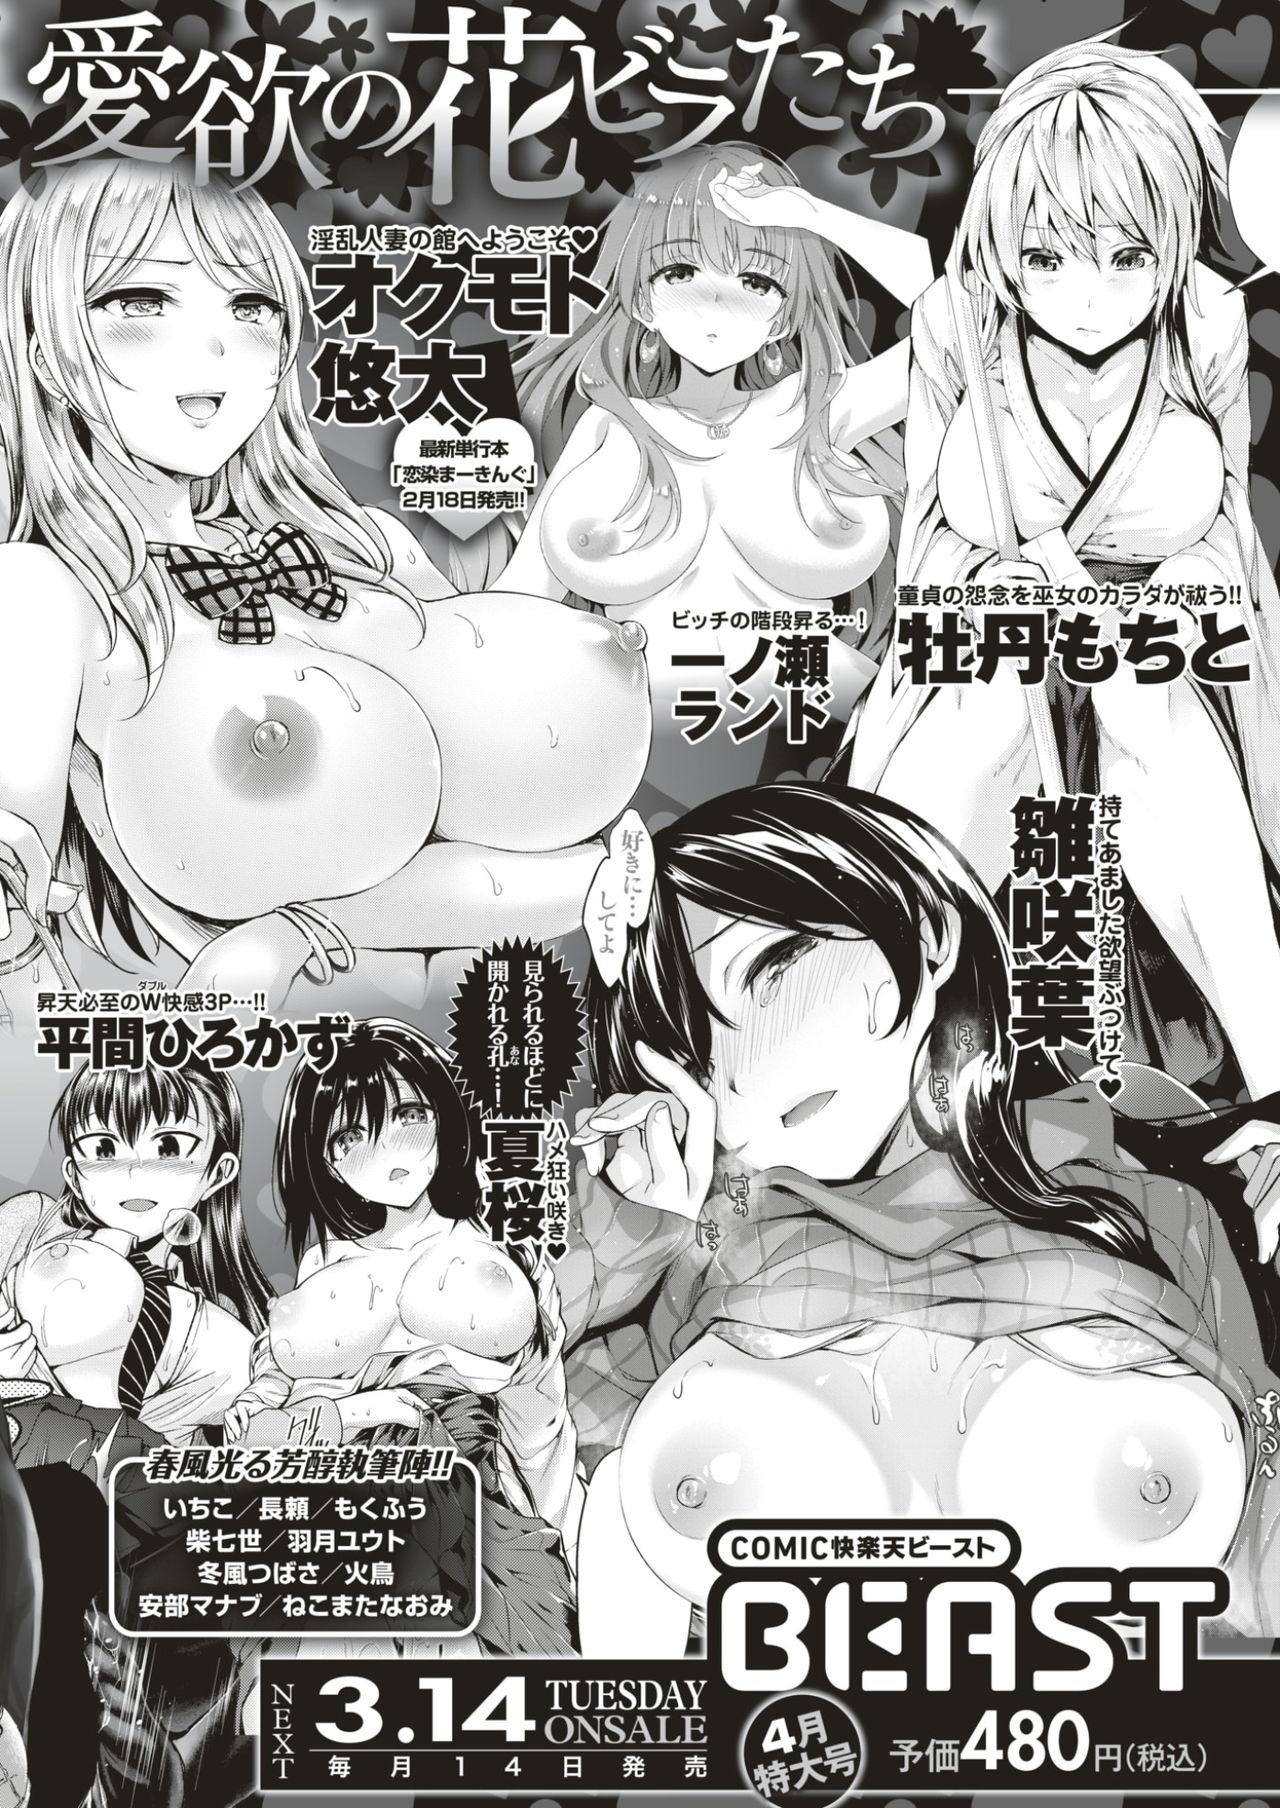 COMIC Kairakuten BEAST 2017-03 326